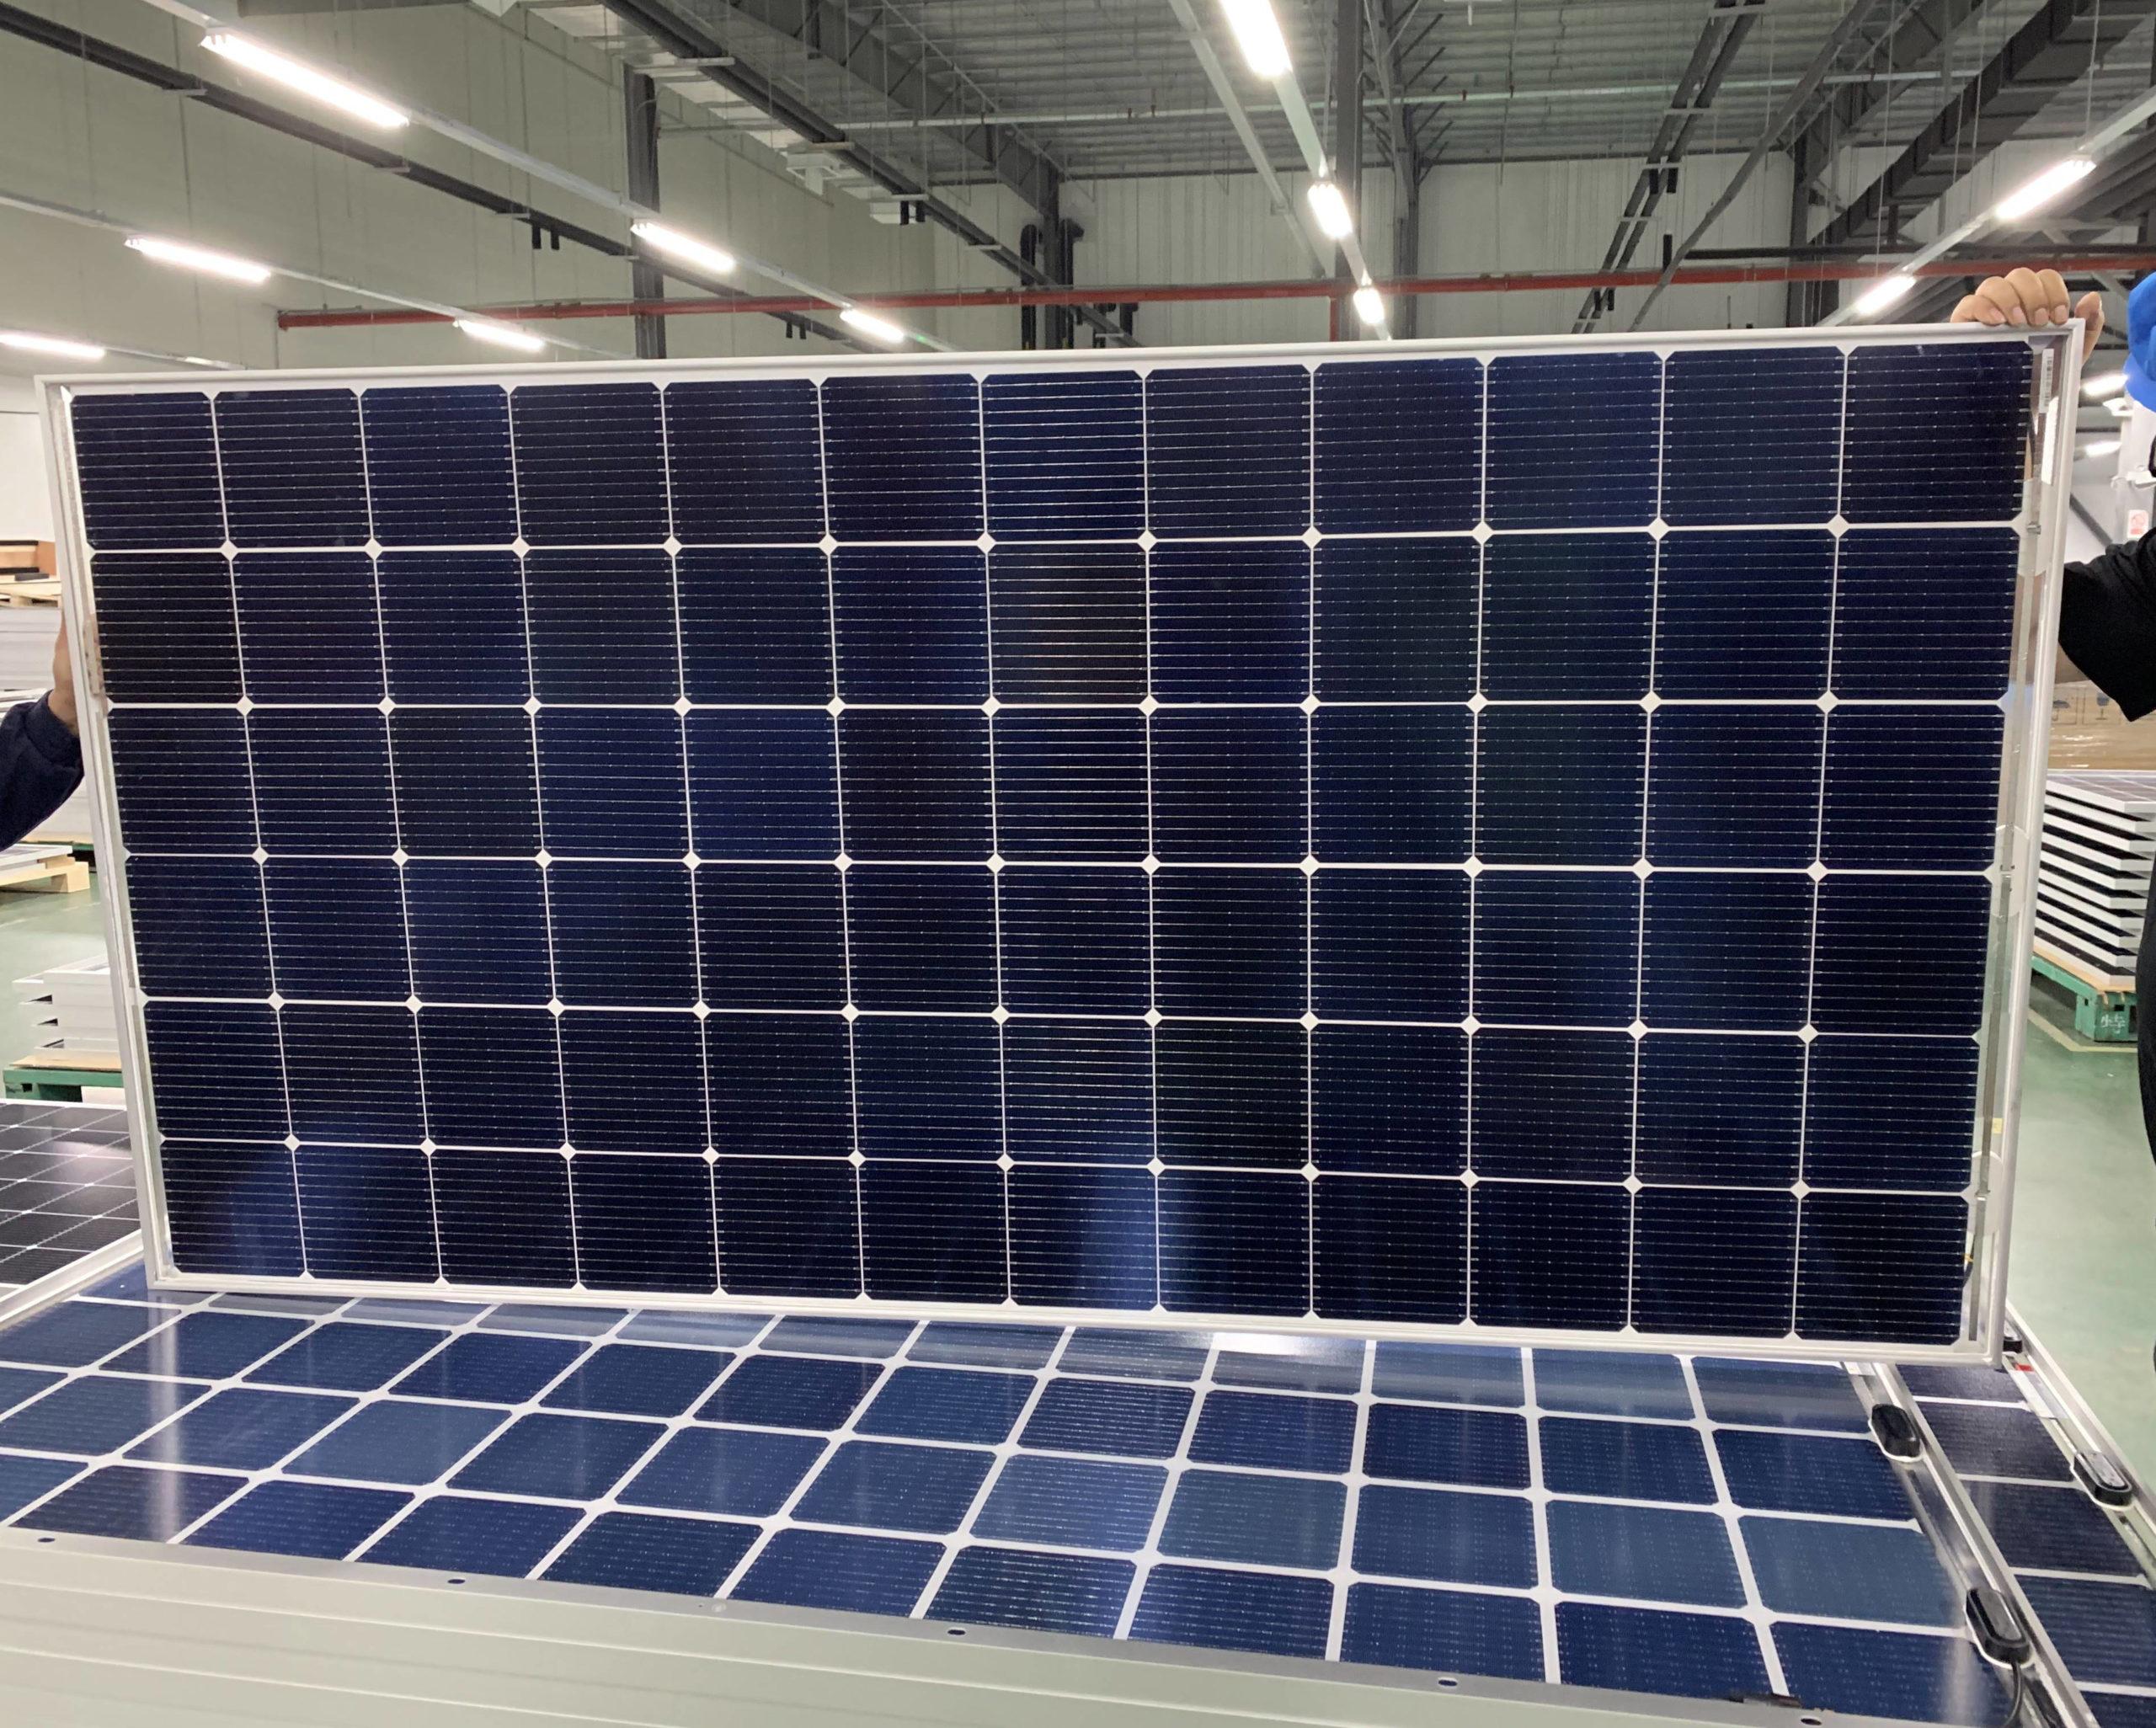 Enertis actúa como asesor técnico para Sumitomo Mitsui Banking Corporation y Canadian Solar en la financiación de la planta solar fotovoltaica Tastiota en México